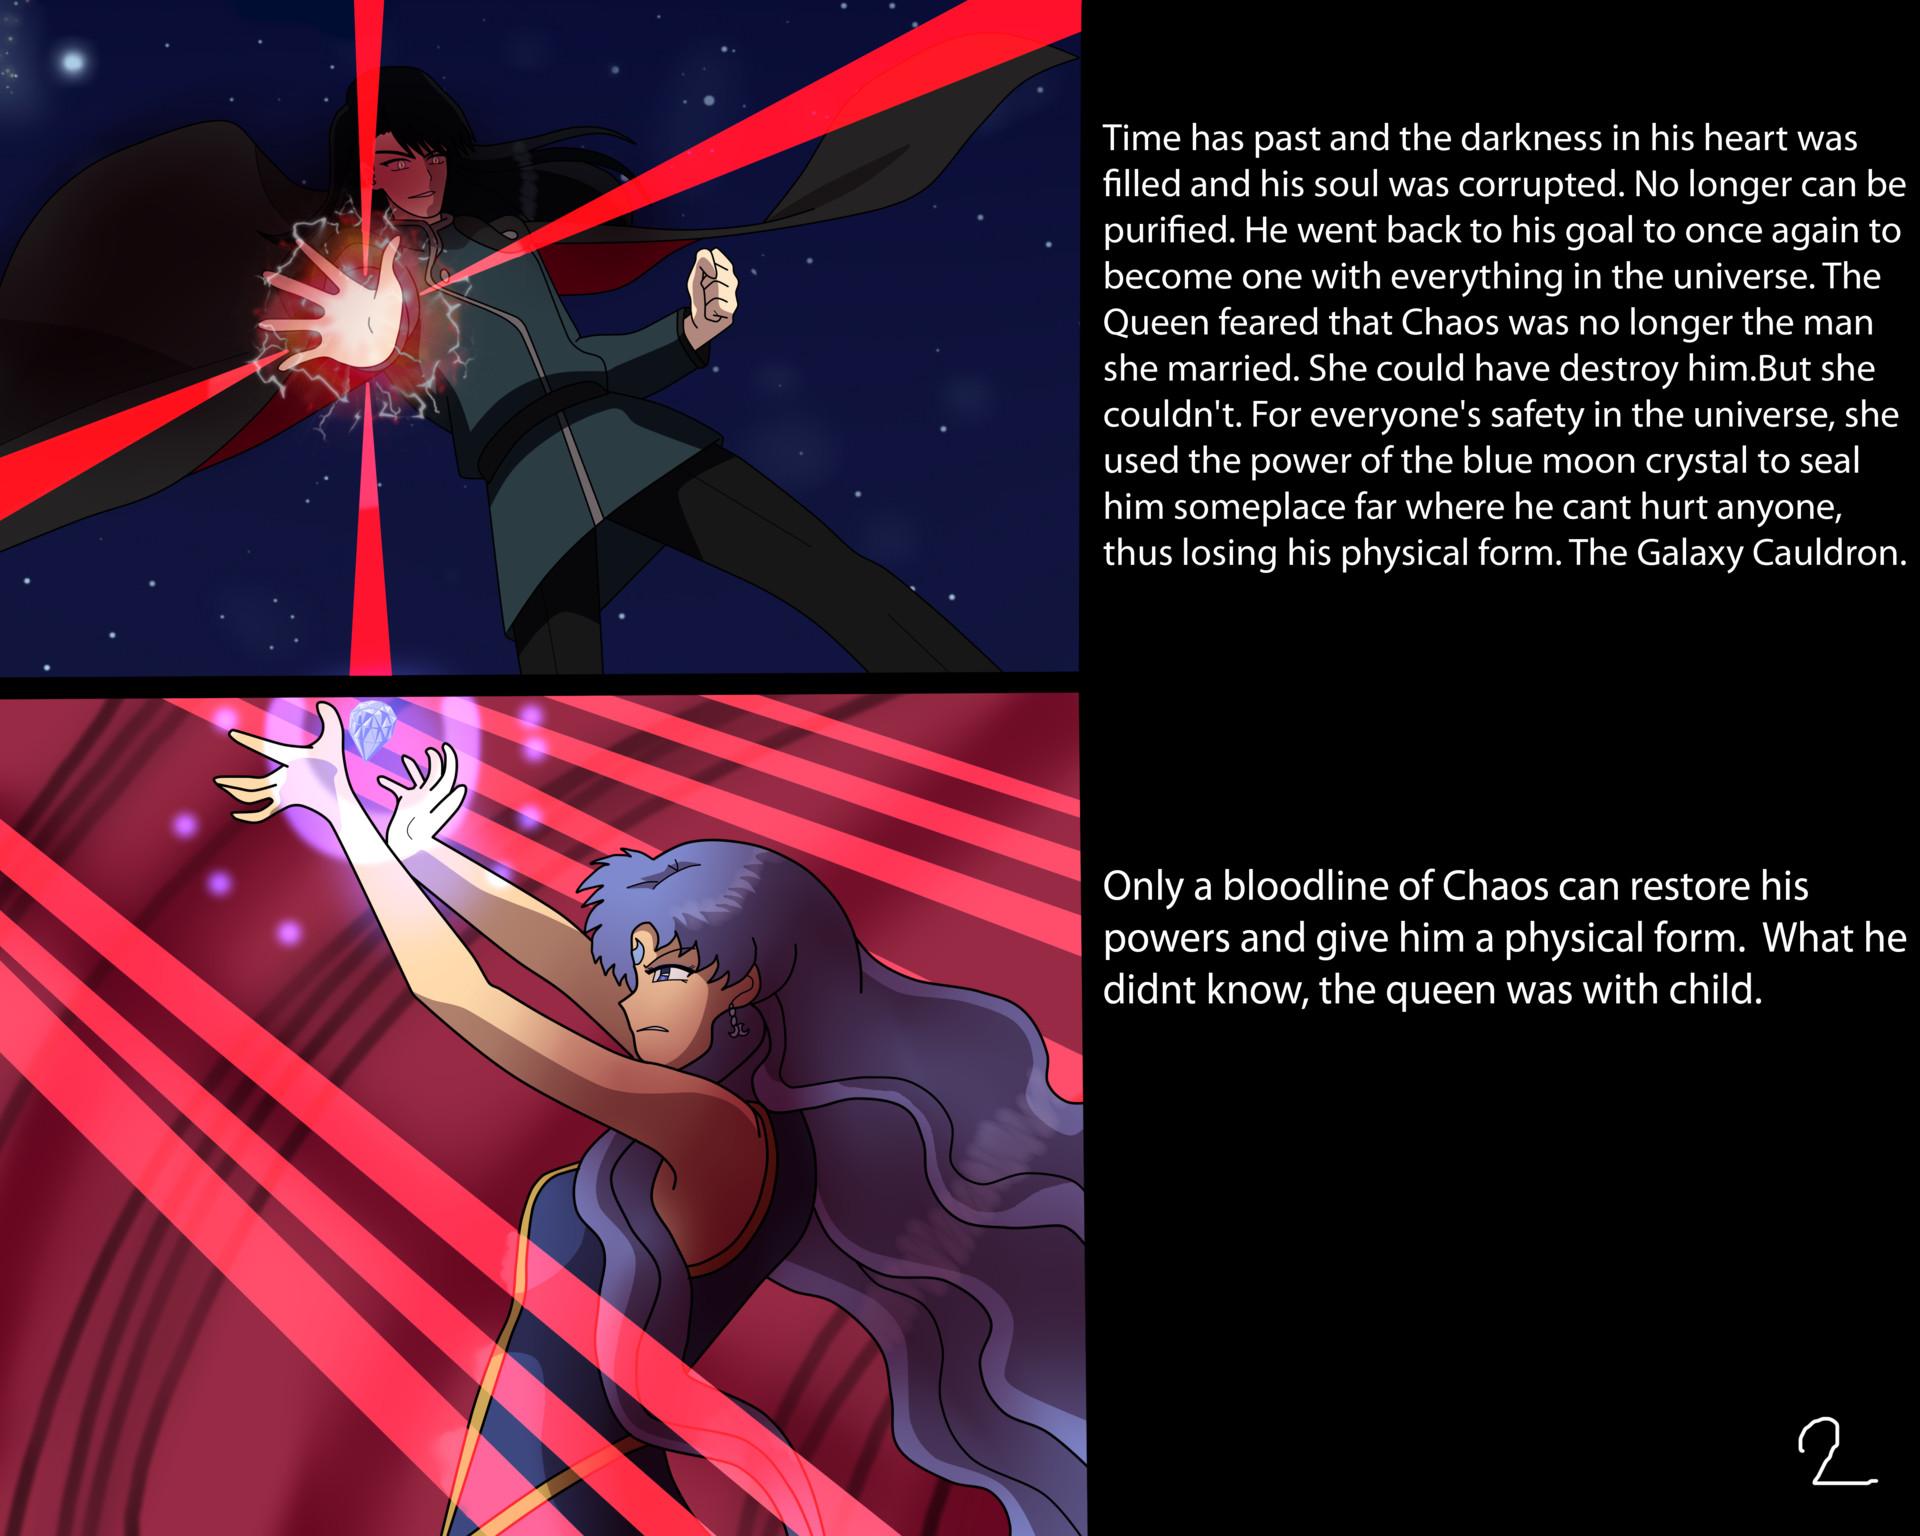 ArtStation - Sailor Blue Moon's Past 02, Moon Light